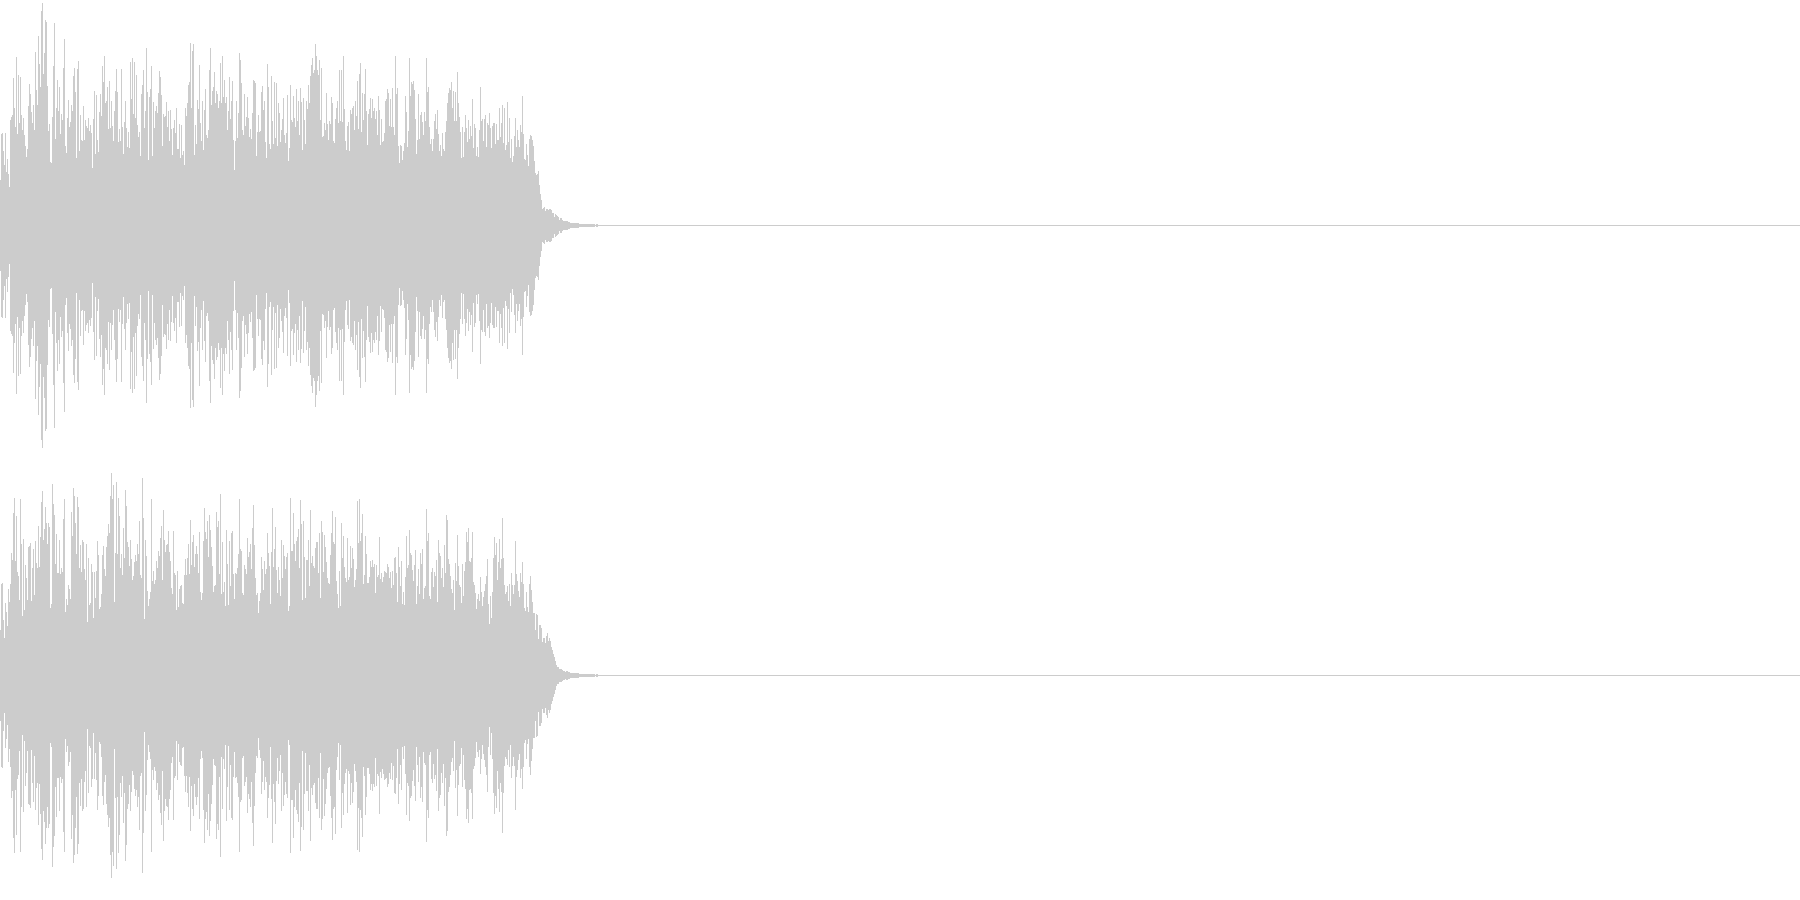 8ビット ファミコン アップ ゲージ2の未再生の波形